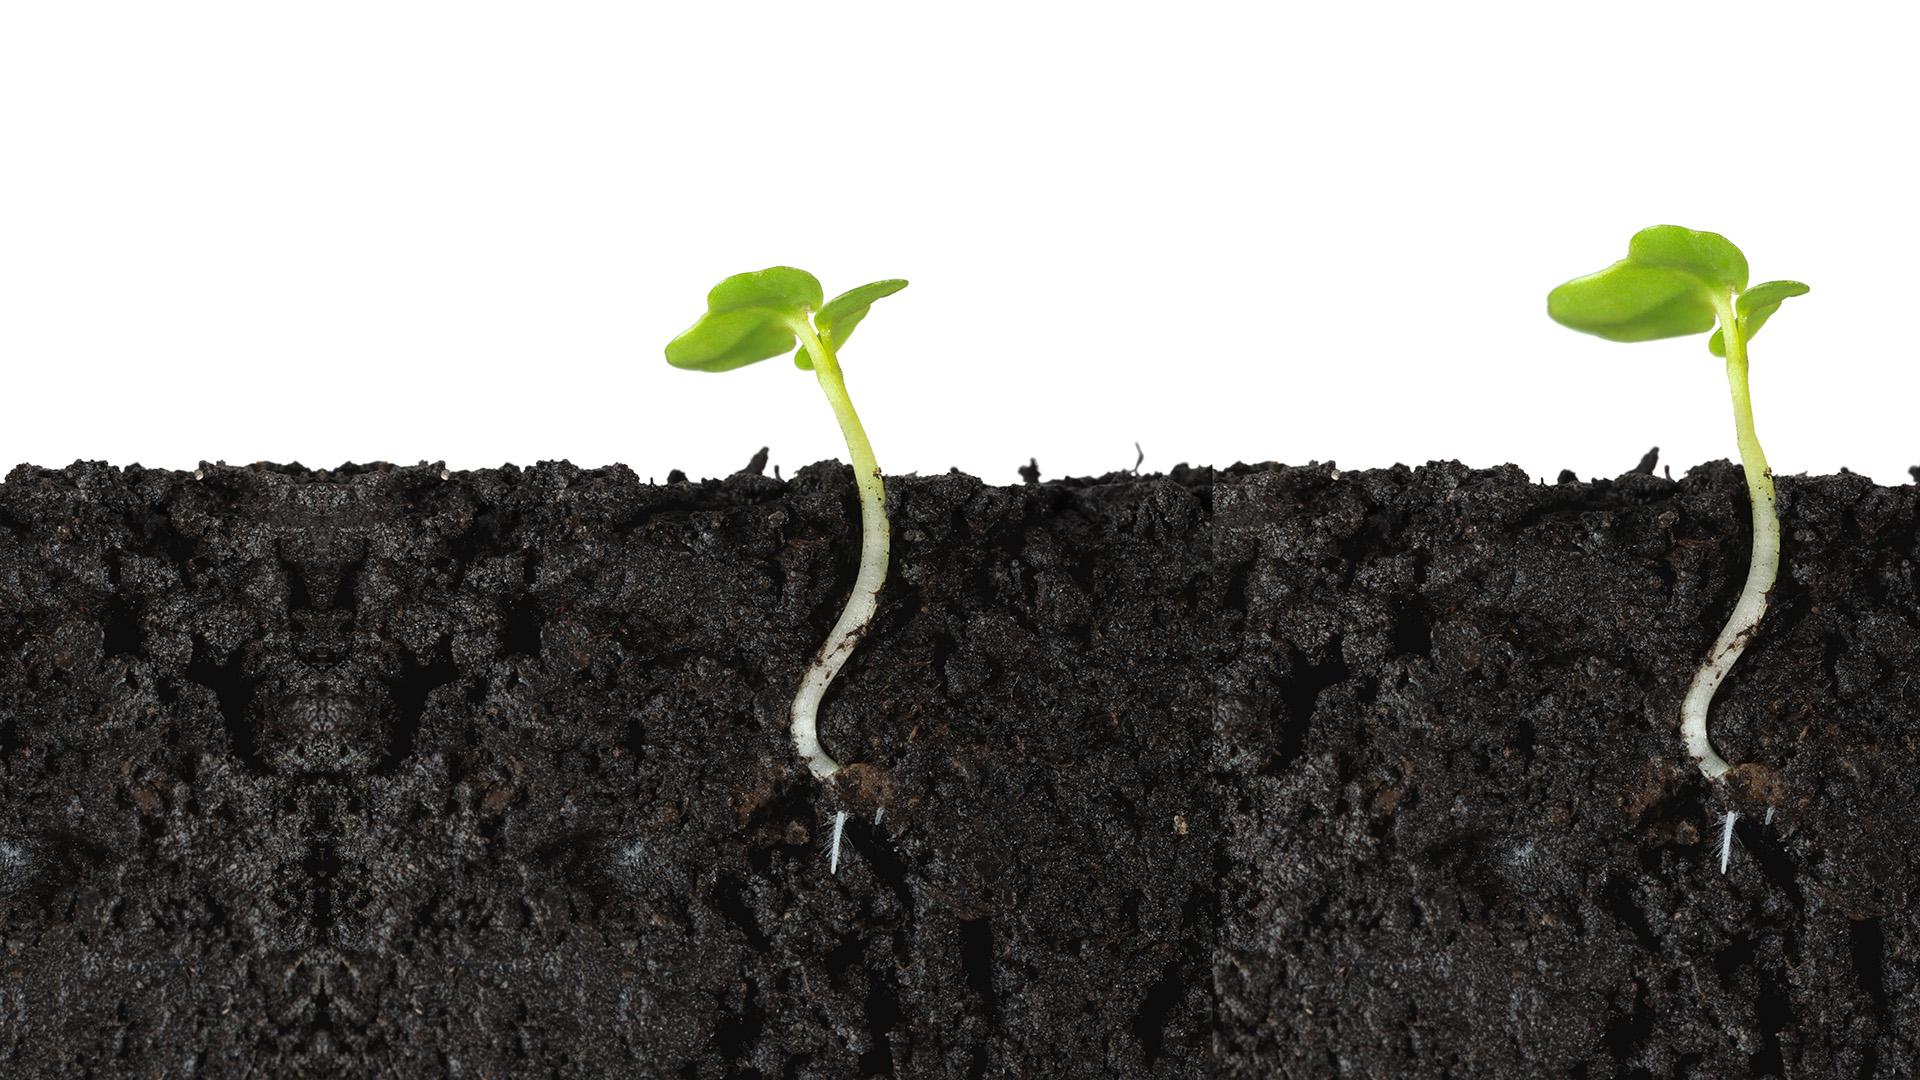 Lauksaimniecības zemes pārdošana un kapitāla pieauguma nodoklis